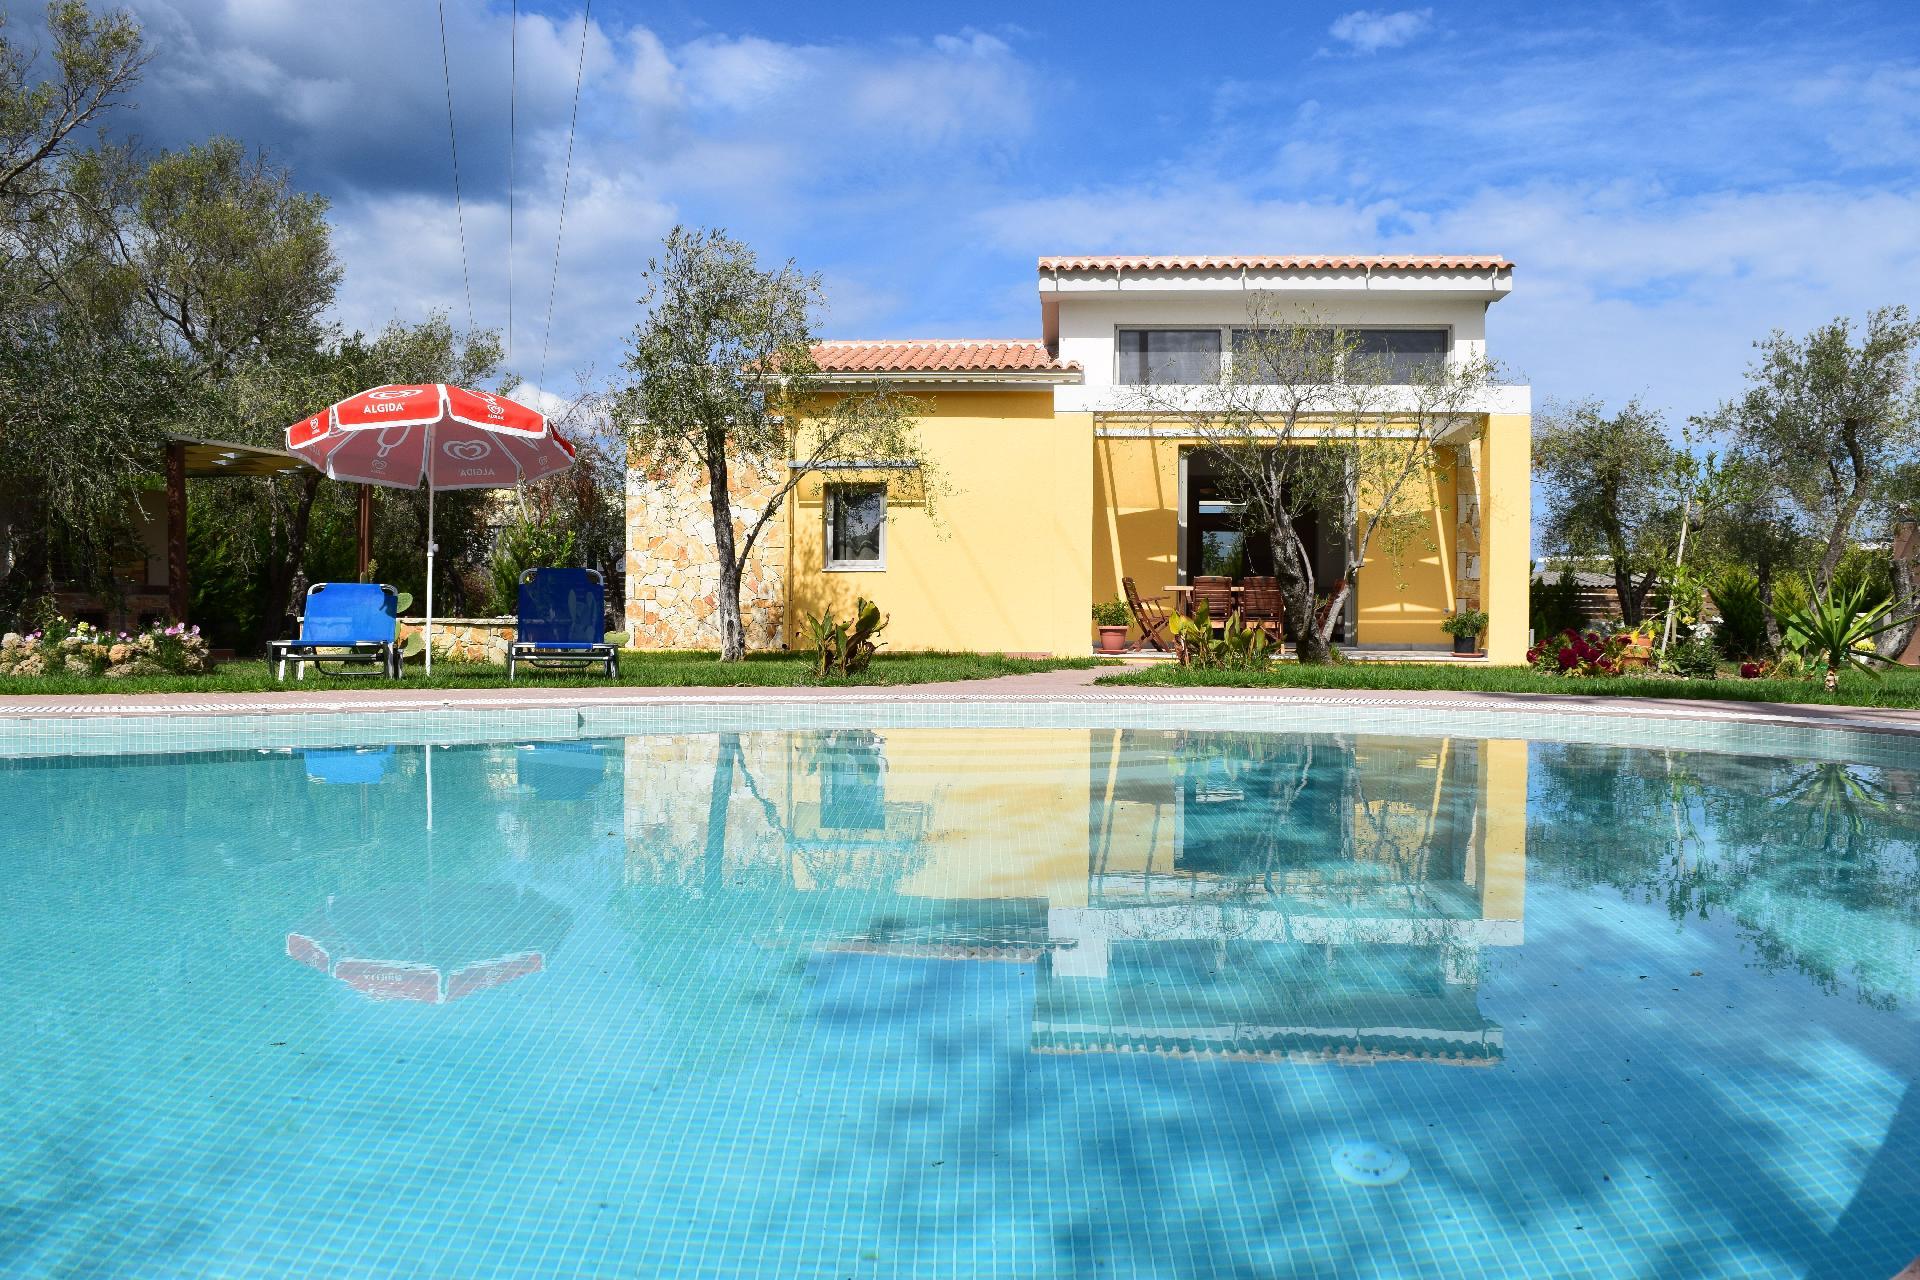 Ferienhaus mit Privatpool für 4 Personen  + 1  in Griechenland